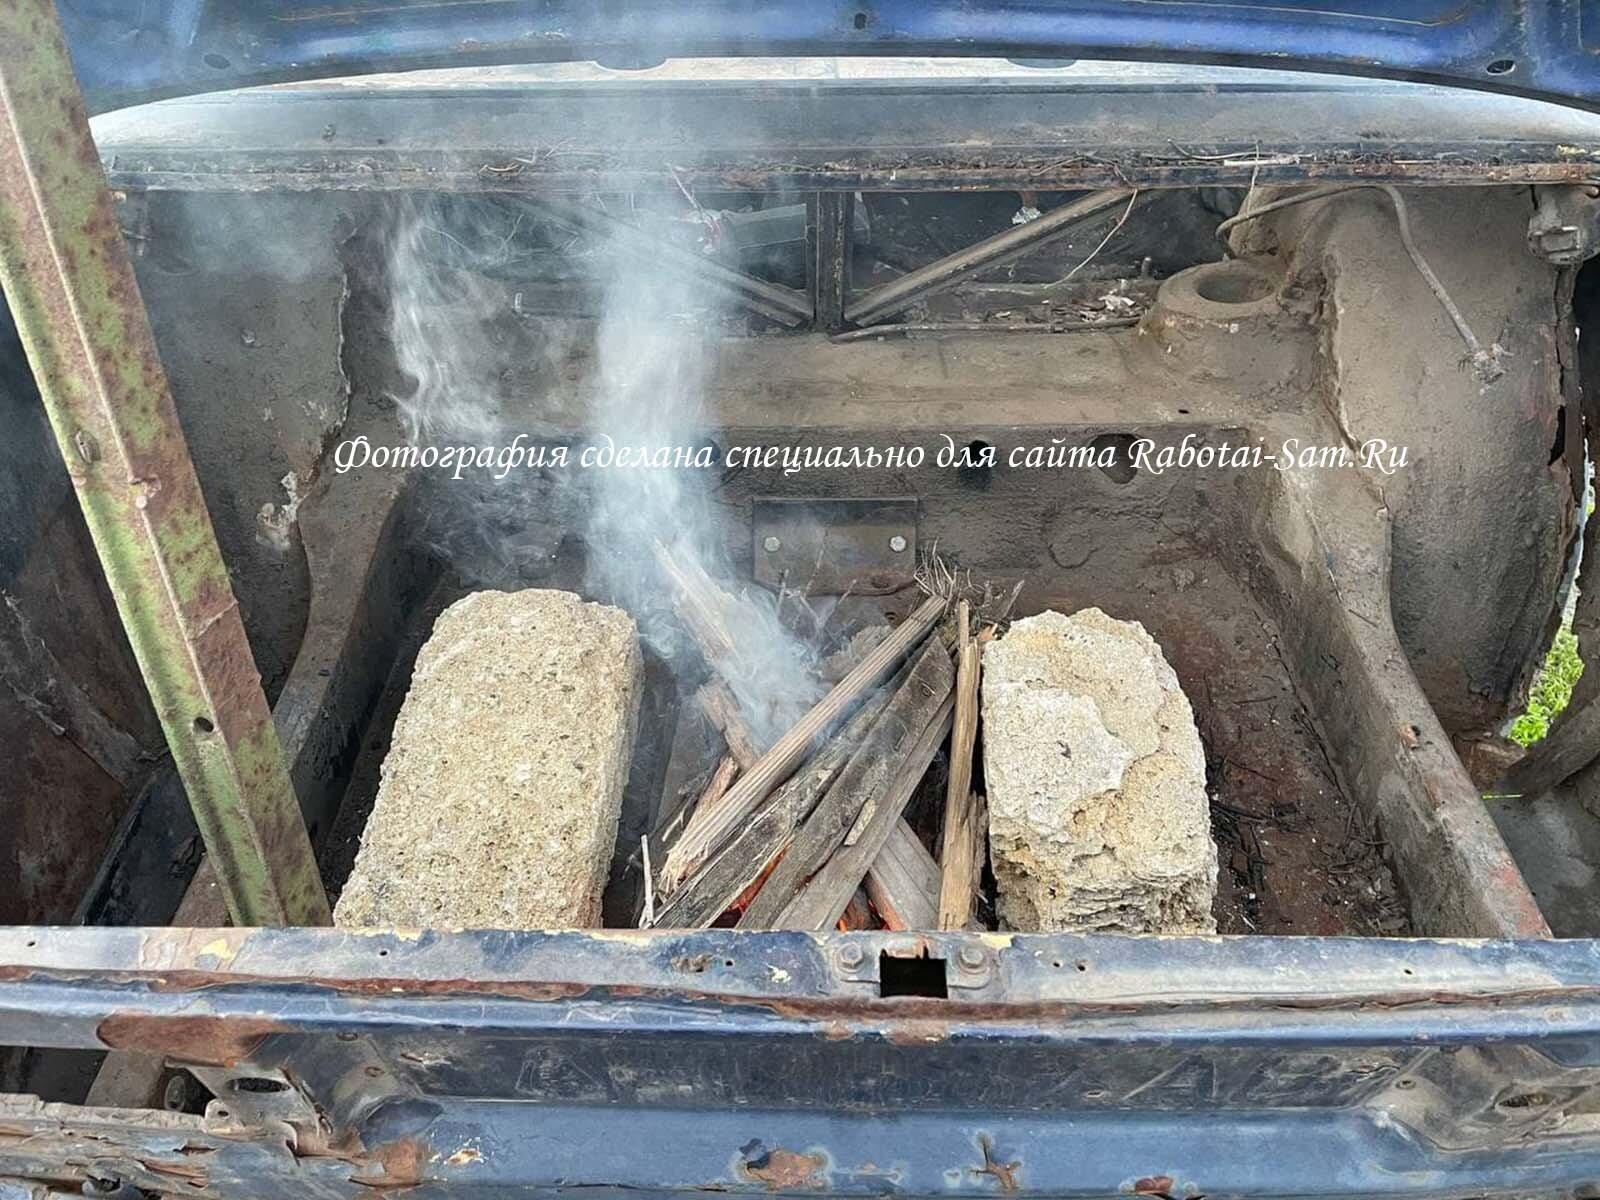 Разжигаем костер в багажнике-мангале из старых жигулей